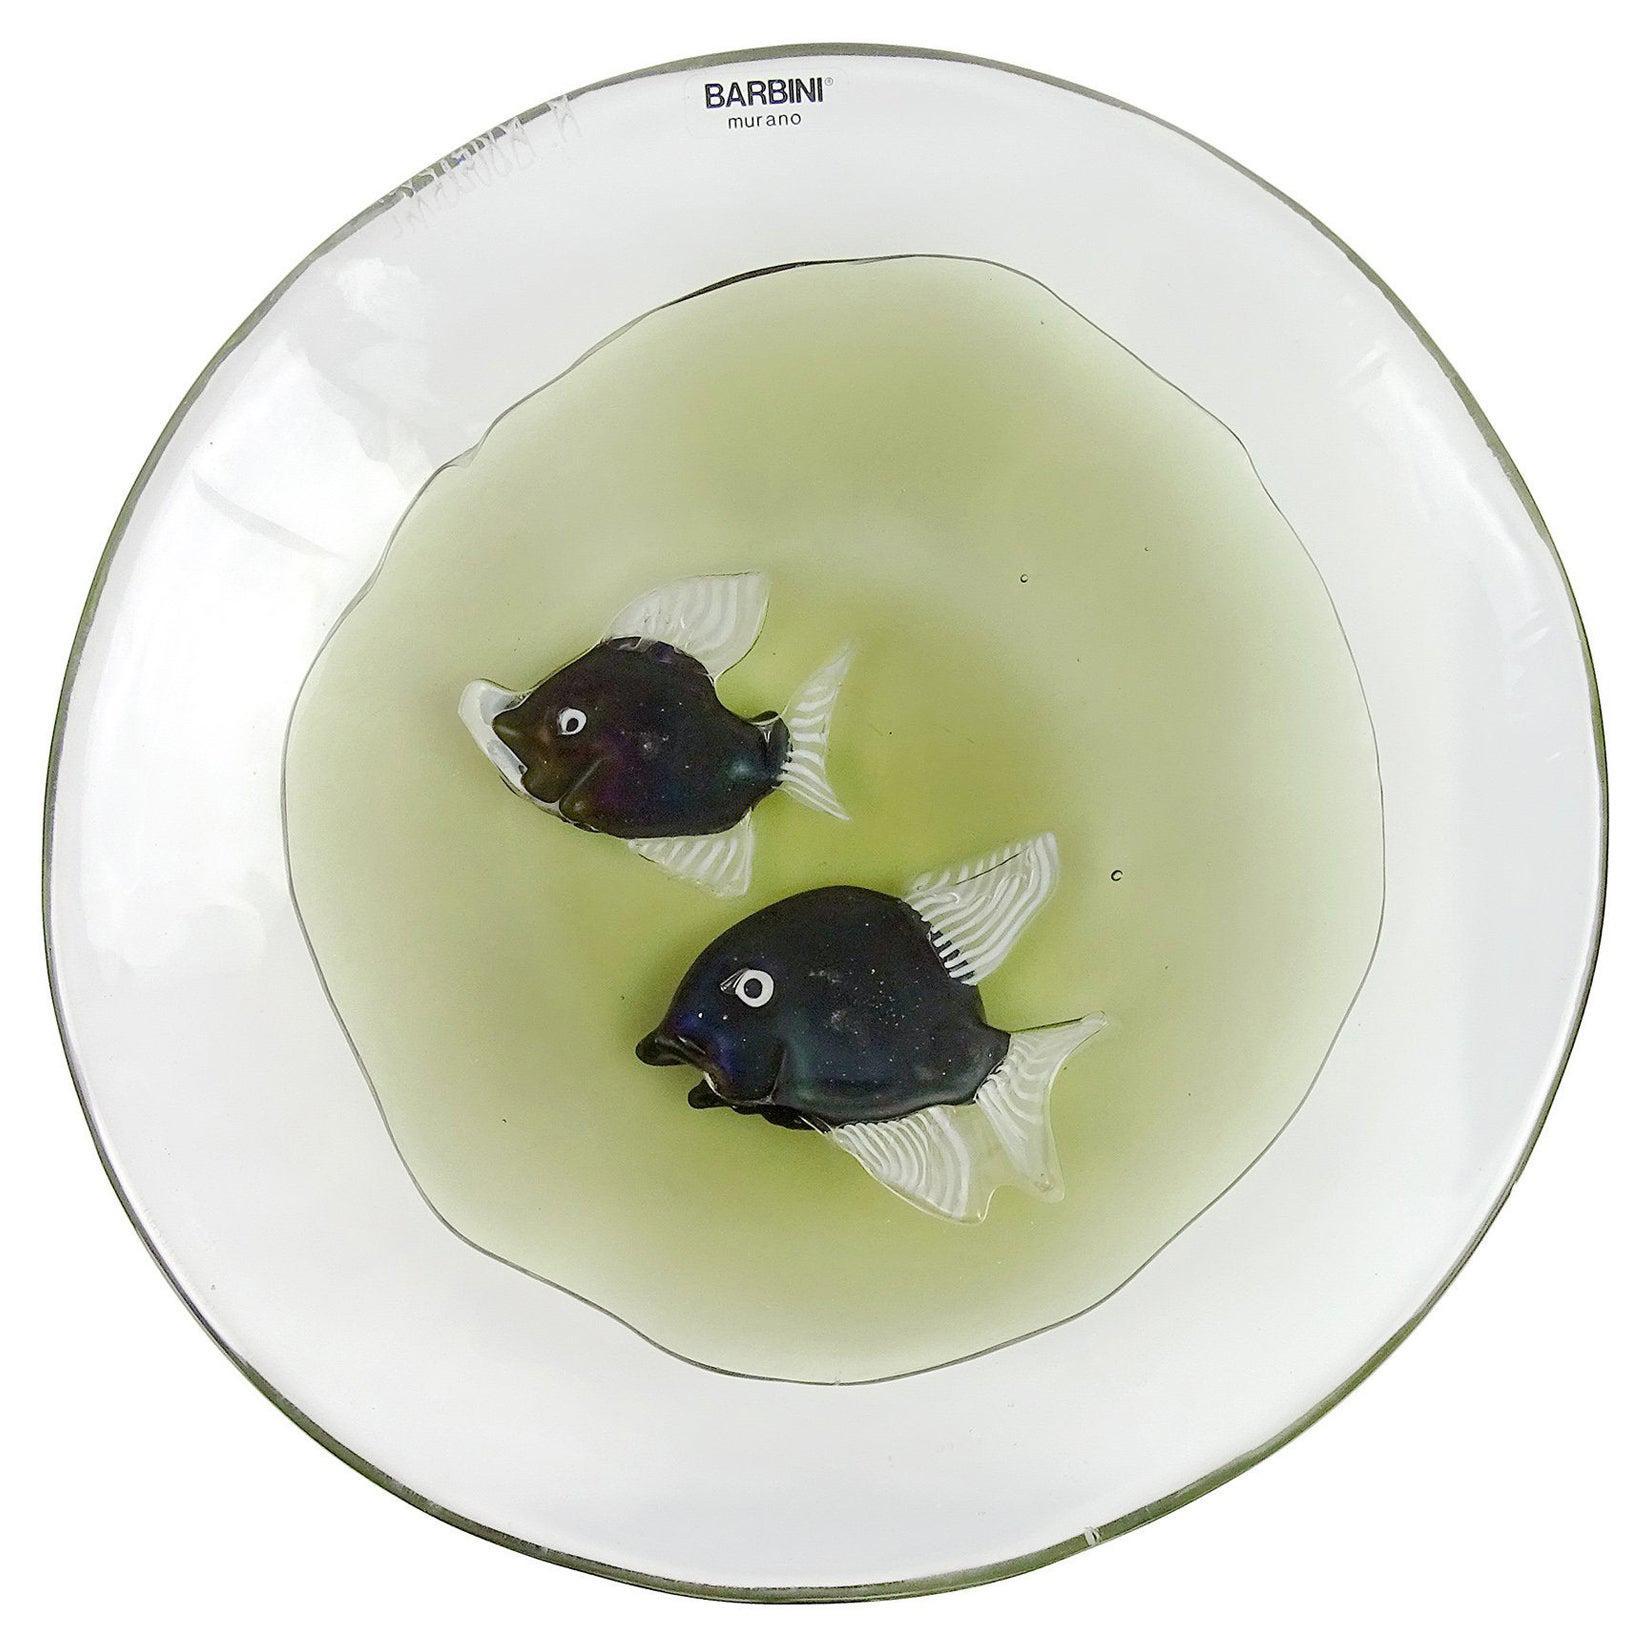 Alfredo Barbini Murano Signed Iridescent Fish Italian Art Glass Display Bowl